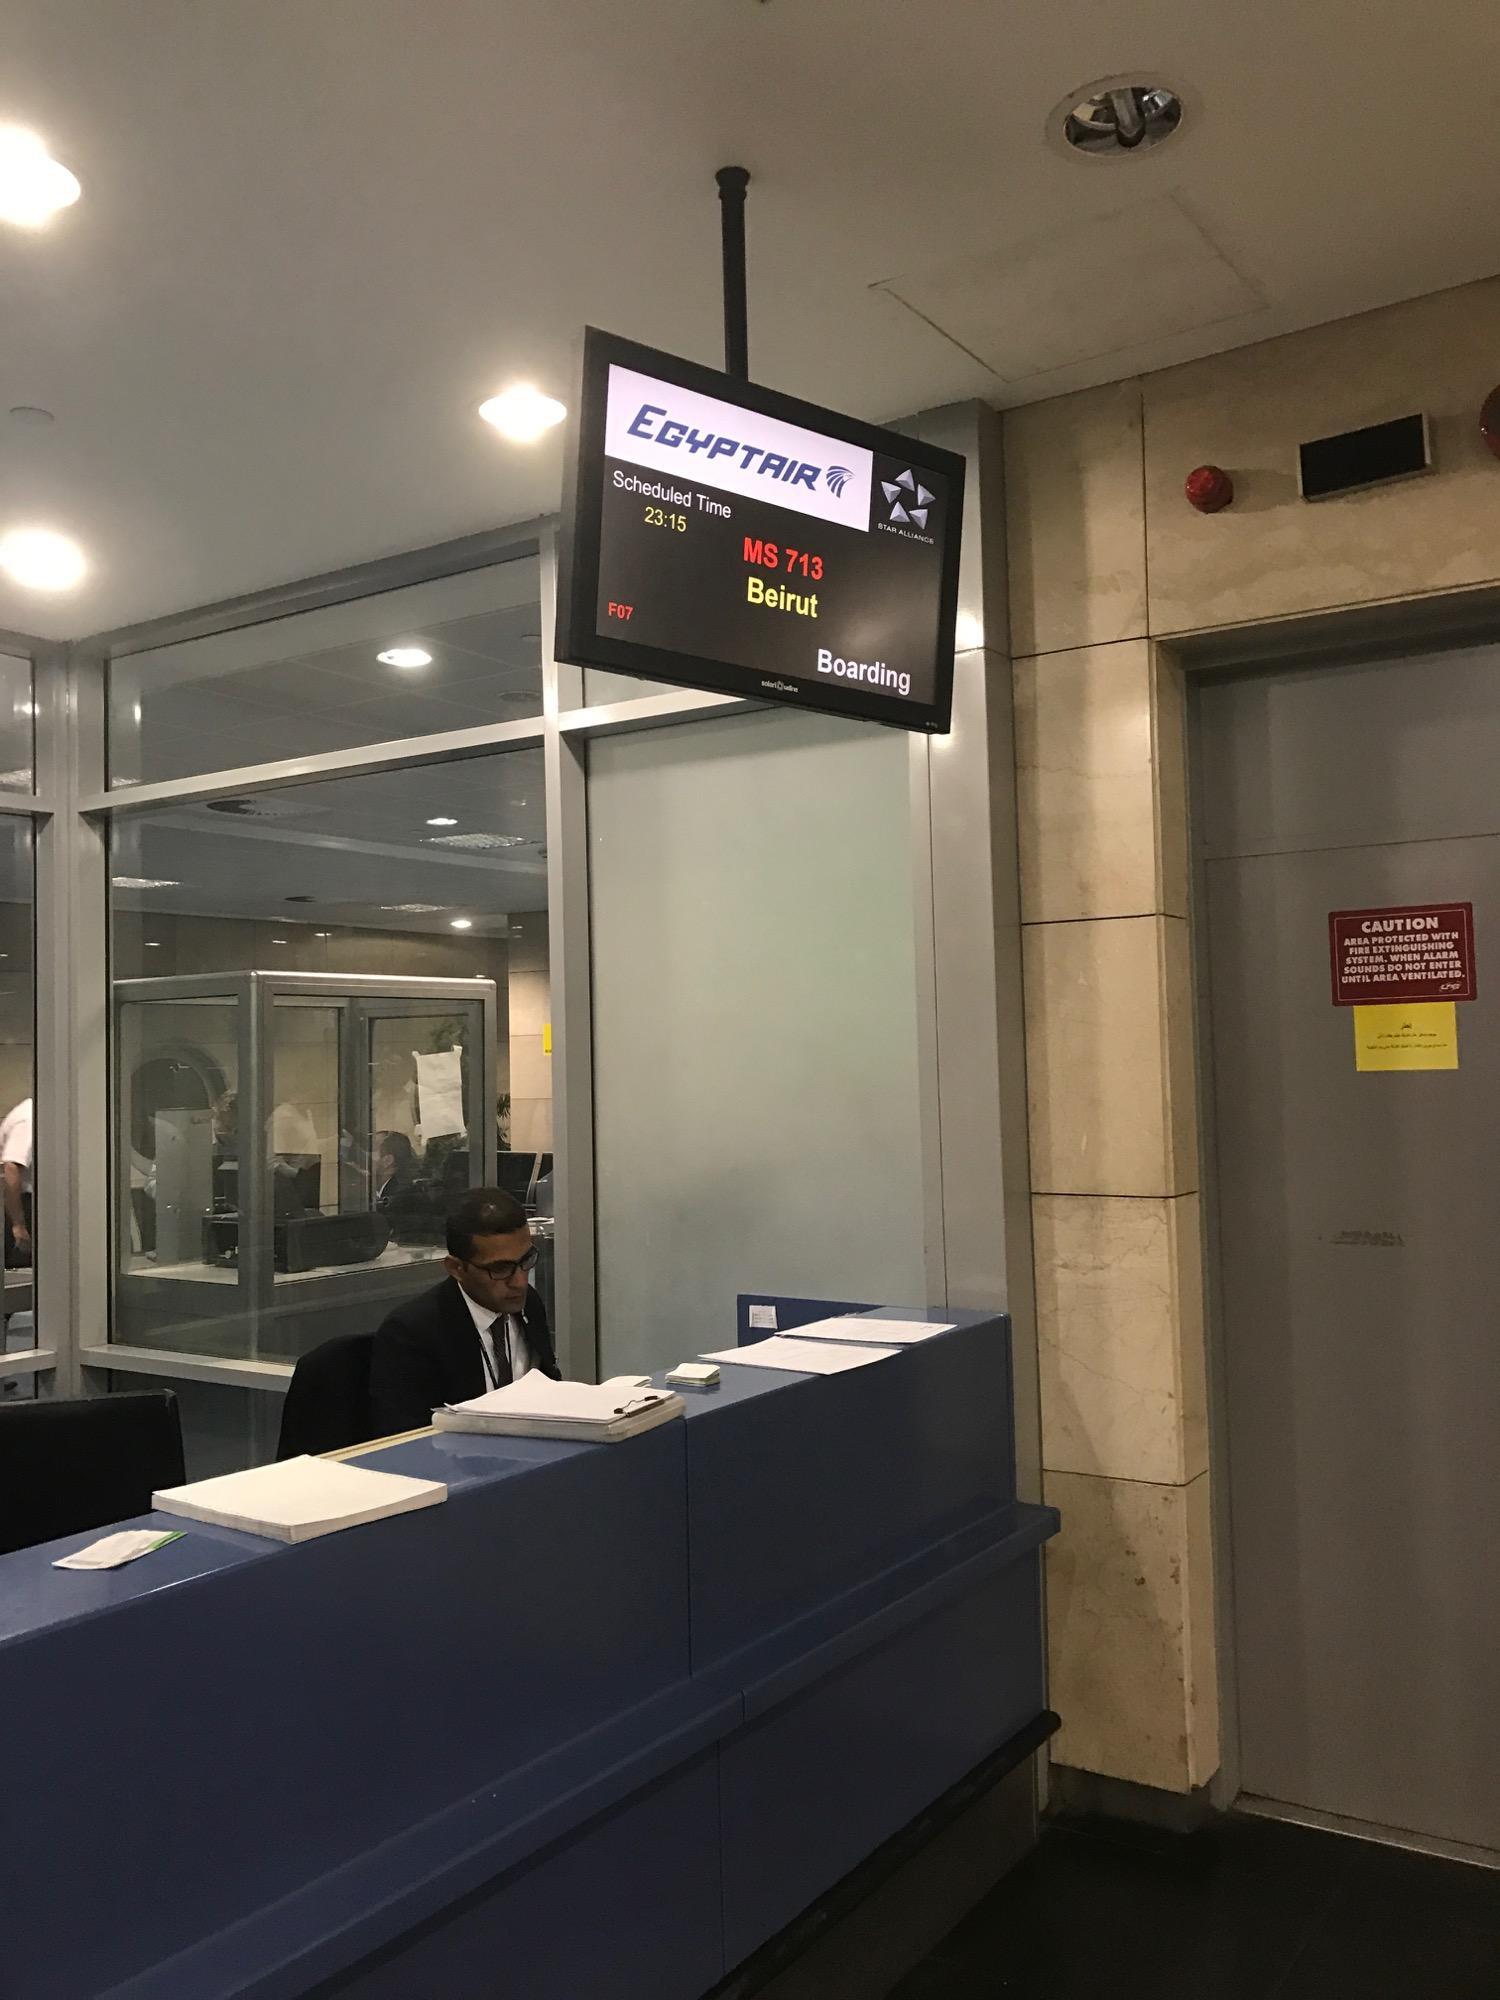 EgpytAir Cairo to Beirut 737-800 Business Class - 2